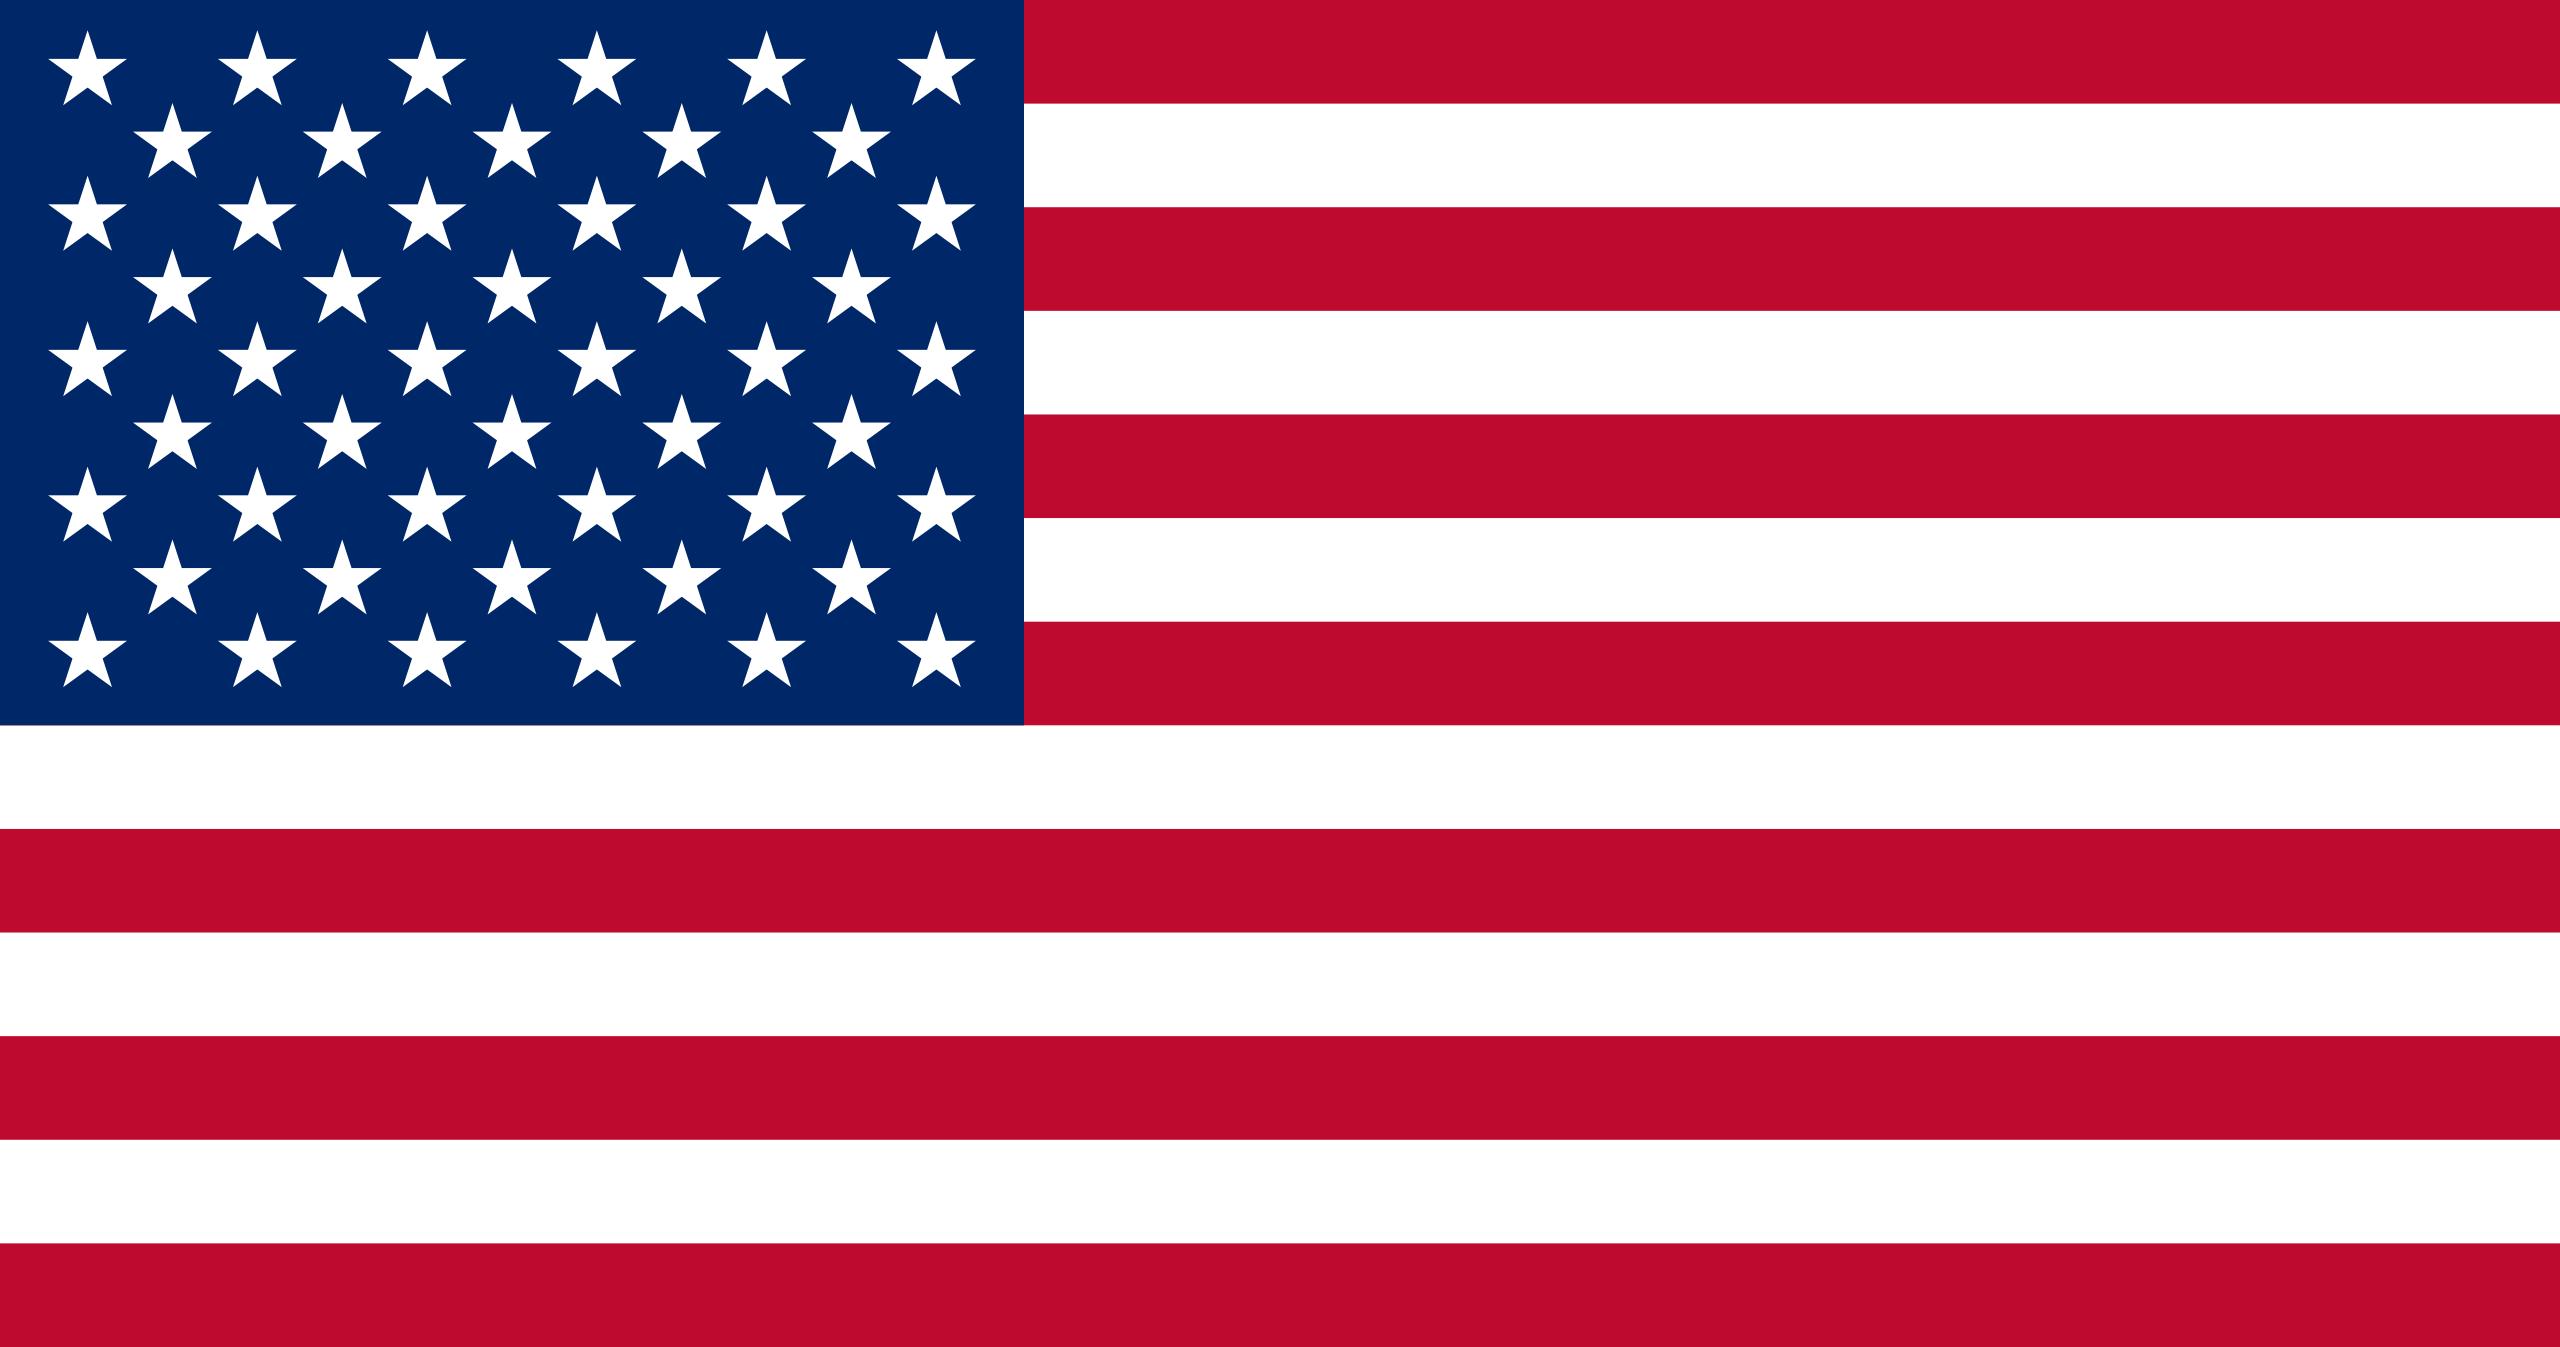 Ηνωμένες Πολιτείες, país, emblema, insignia, σύμβολο - Wallpapers HD - Professor-falken.com